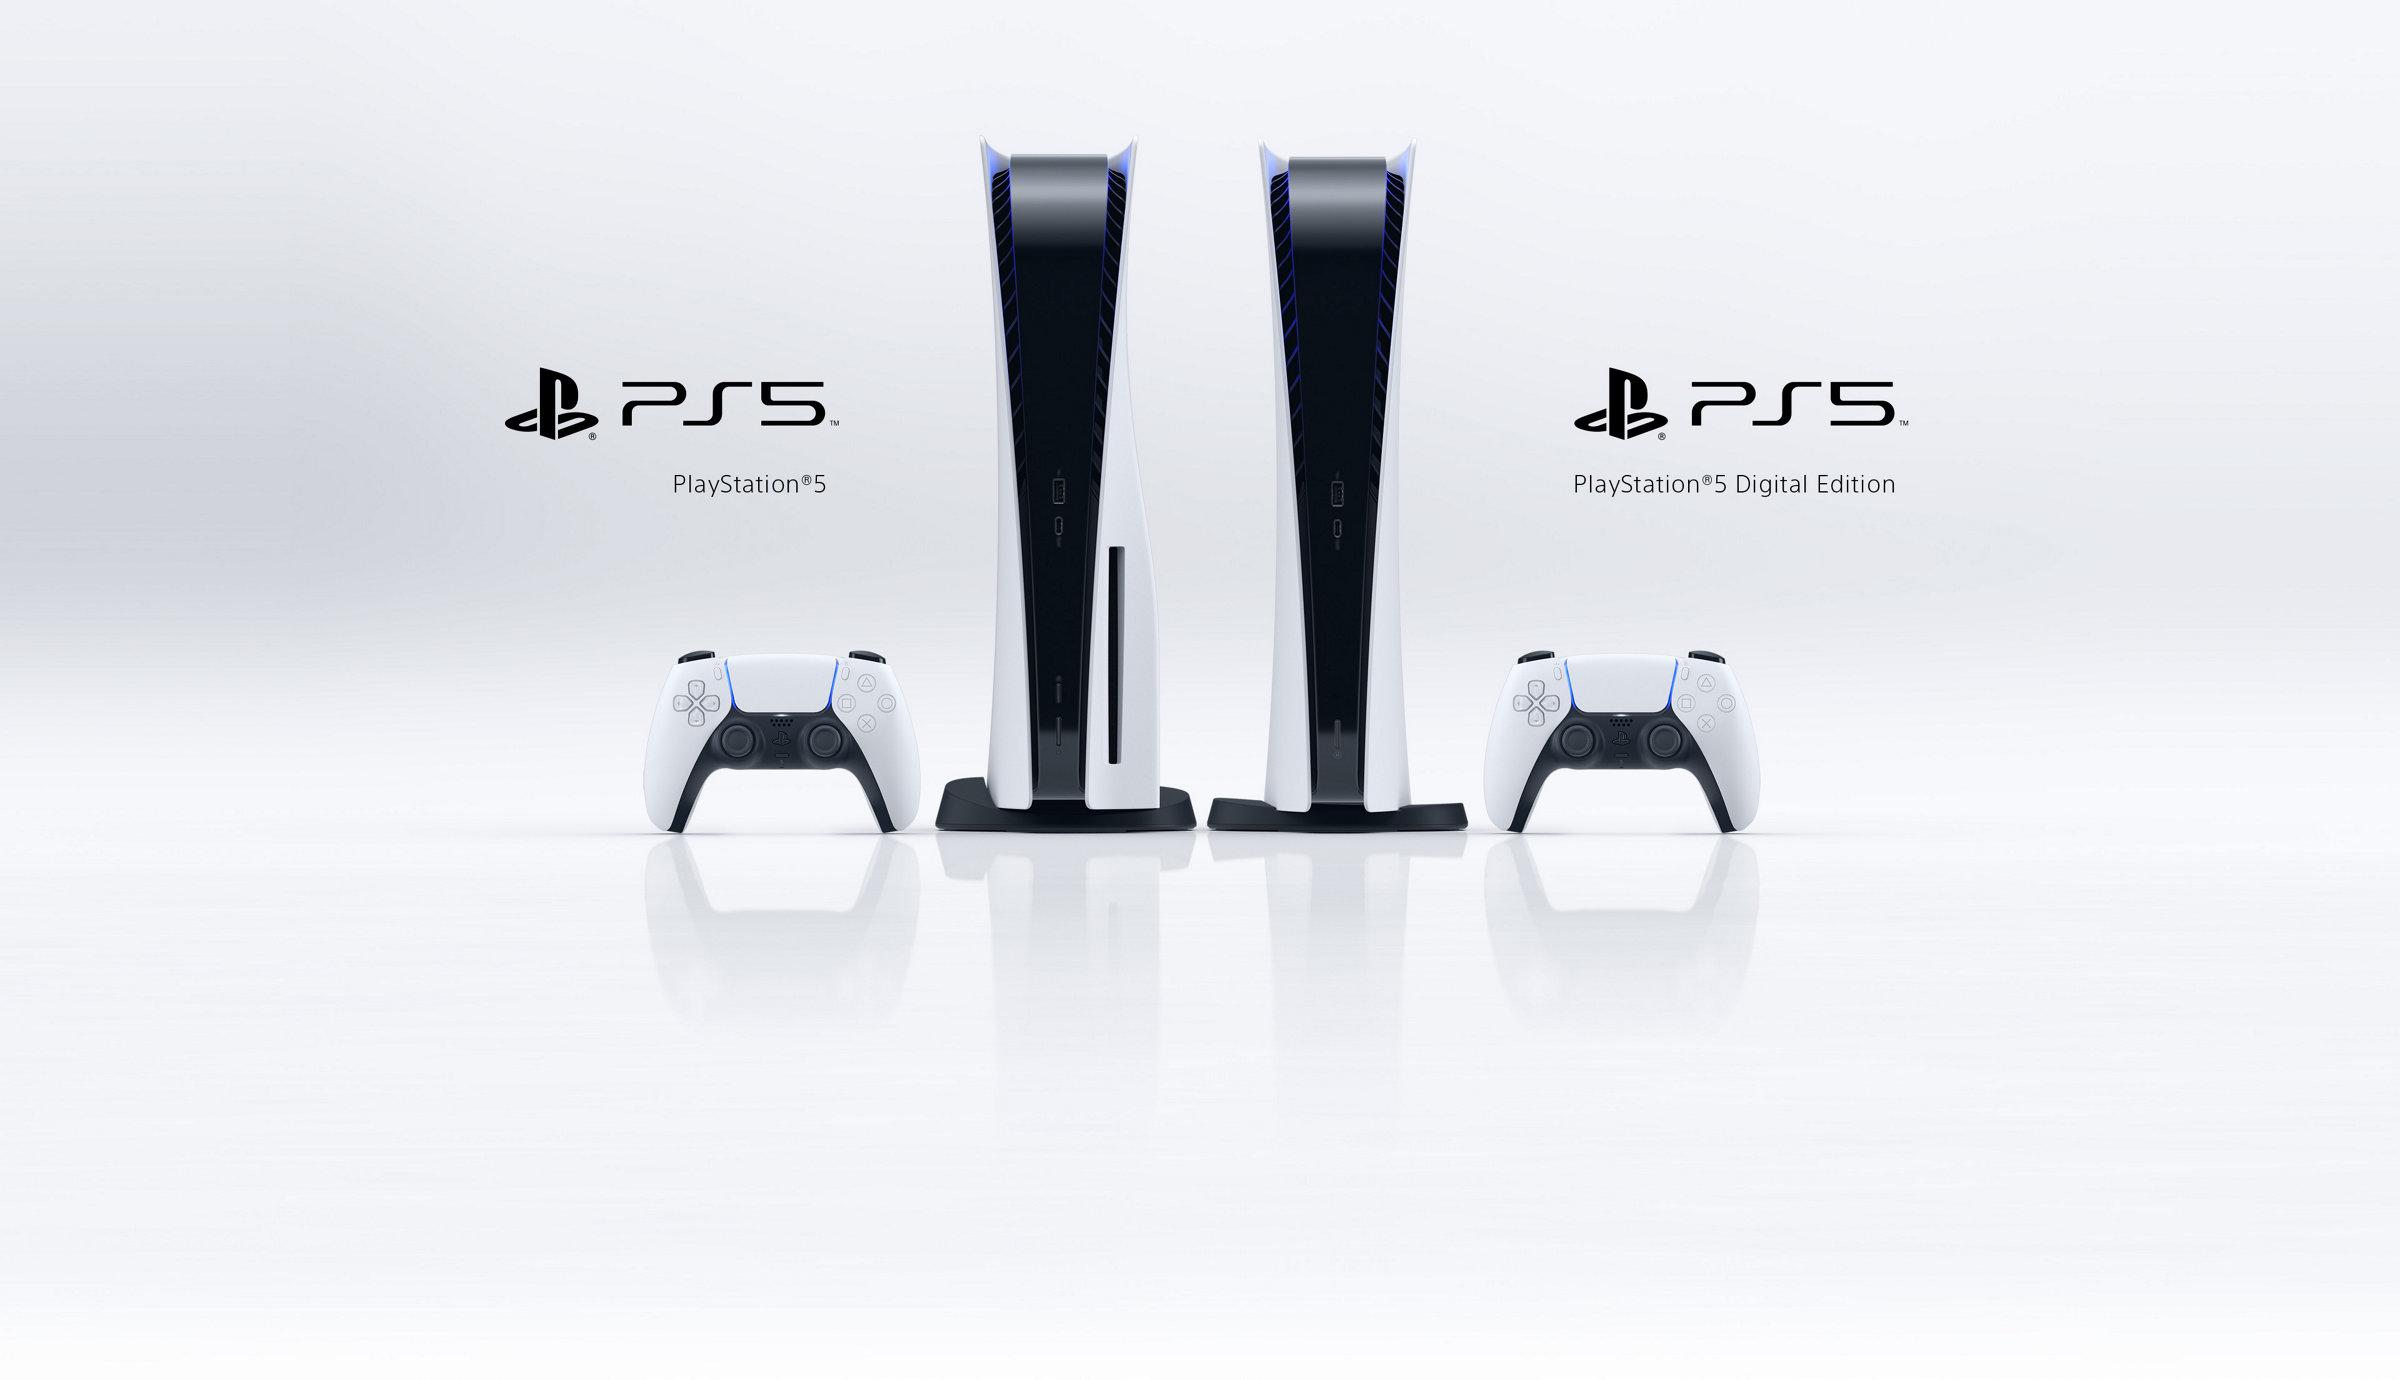 Máy chơi game Sony PlayStation 5 Standard CFI-1018A 01 - Hàng chính hãng có thiết kế tinh tế